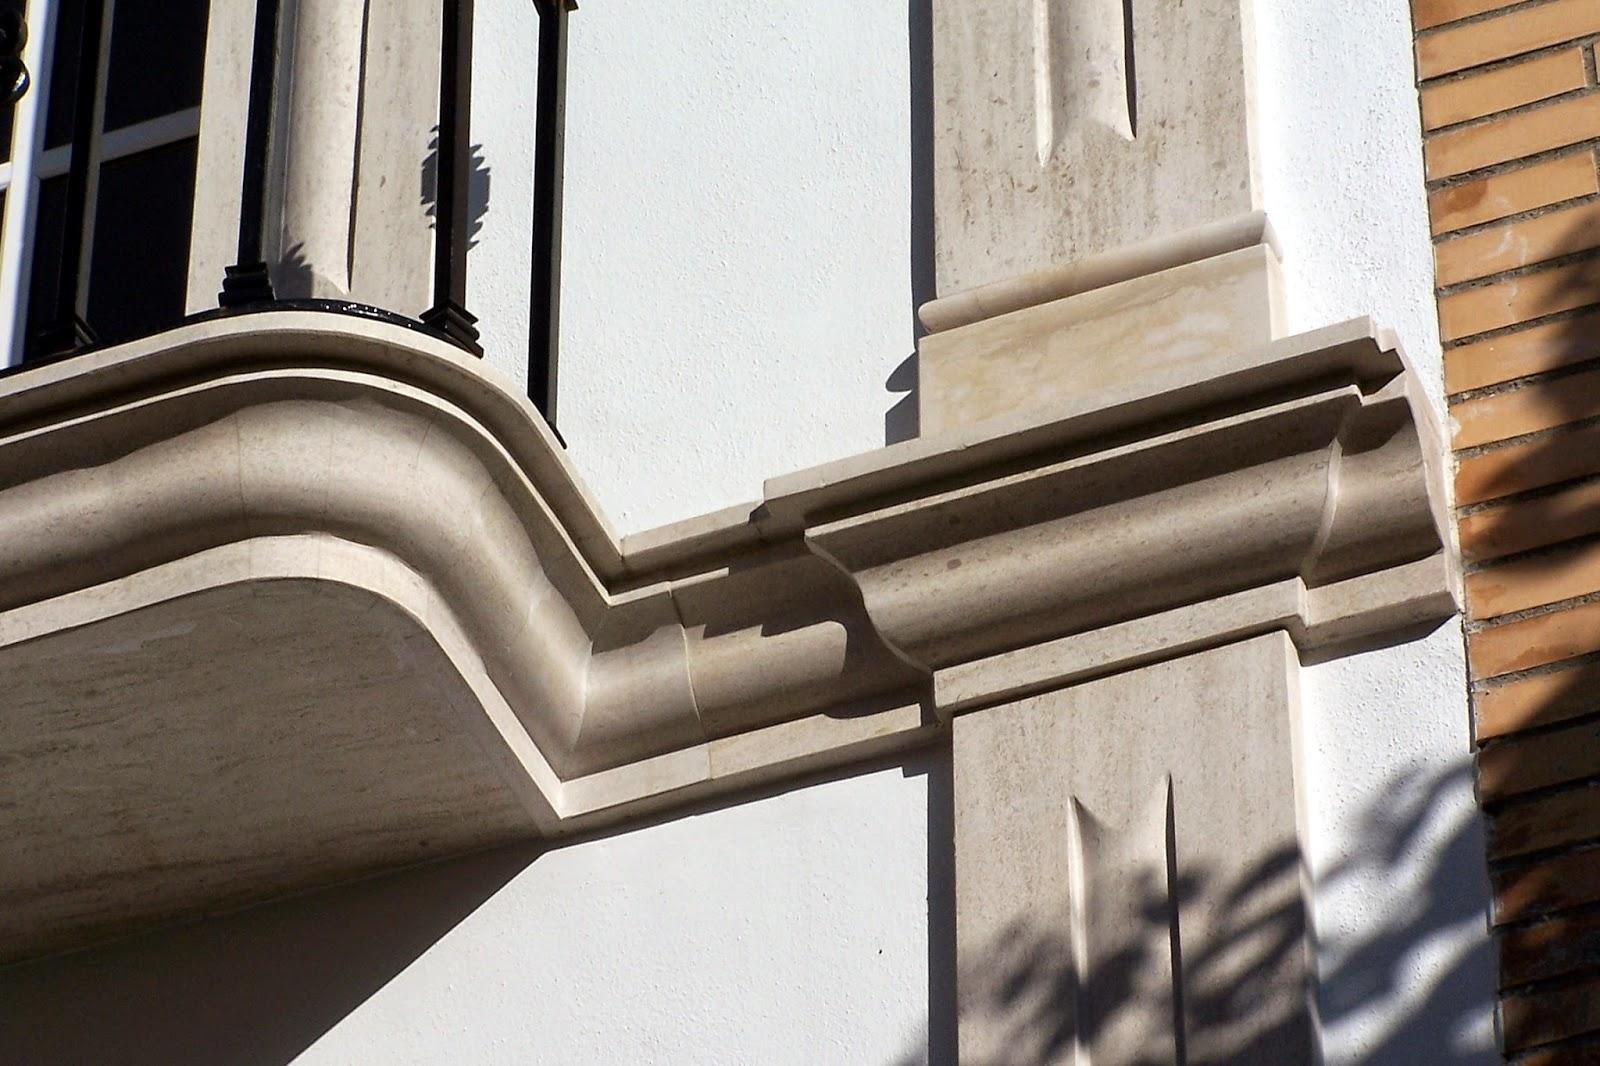 detalle de ménsula y capitel en piedra moca para fachada